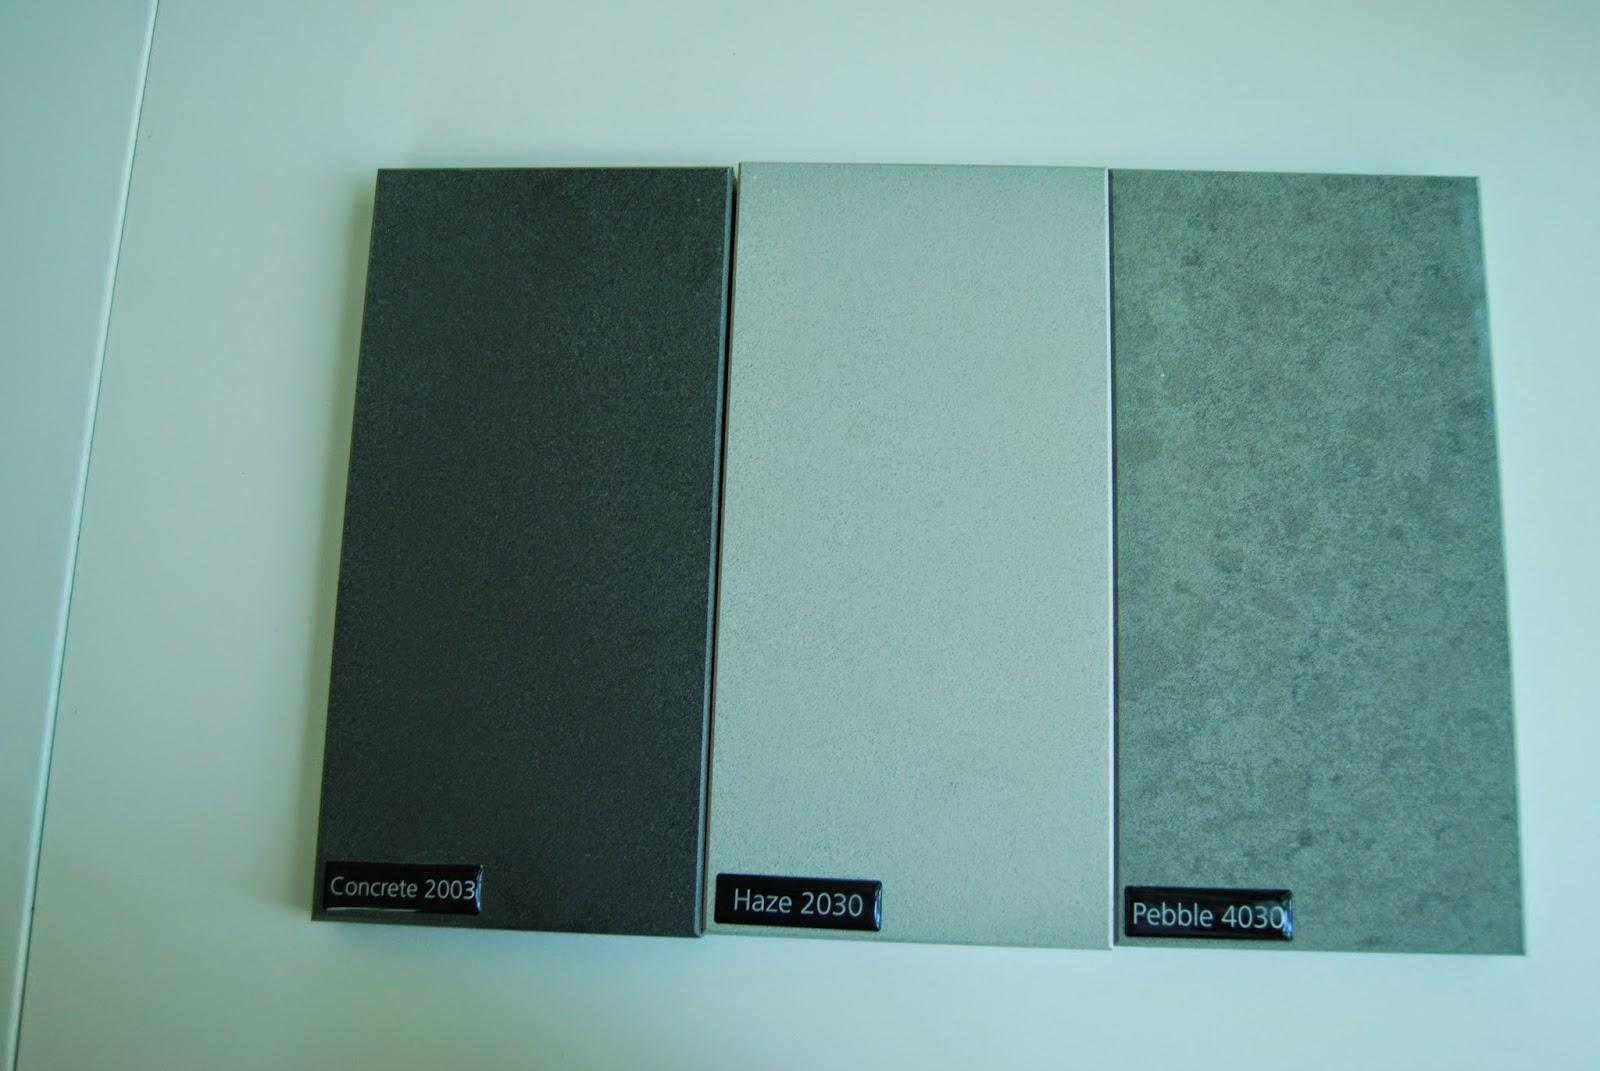 Countertop Color Options : Concrete Countertop Color Options Home Improvement